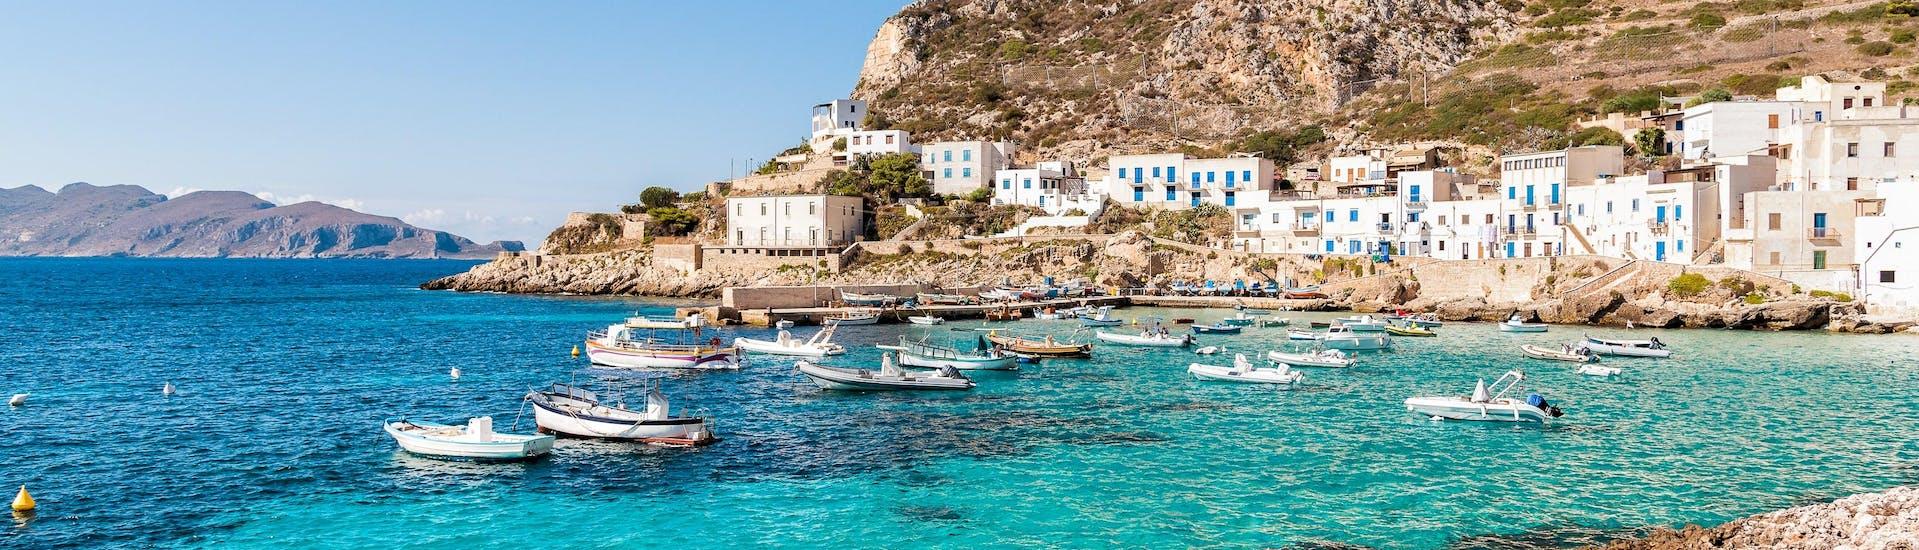 La vista della costa dell'isola di Levanzo che i visitatori possono ammirare durante un giro in barca alle isole Egadi in Sicilia.